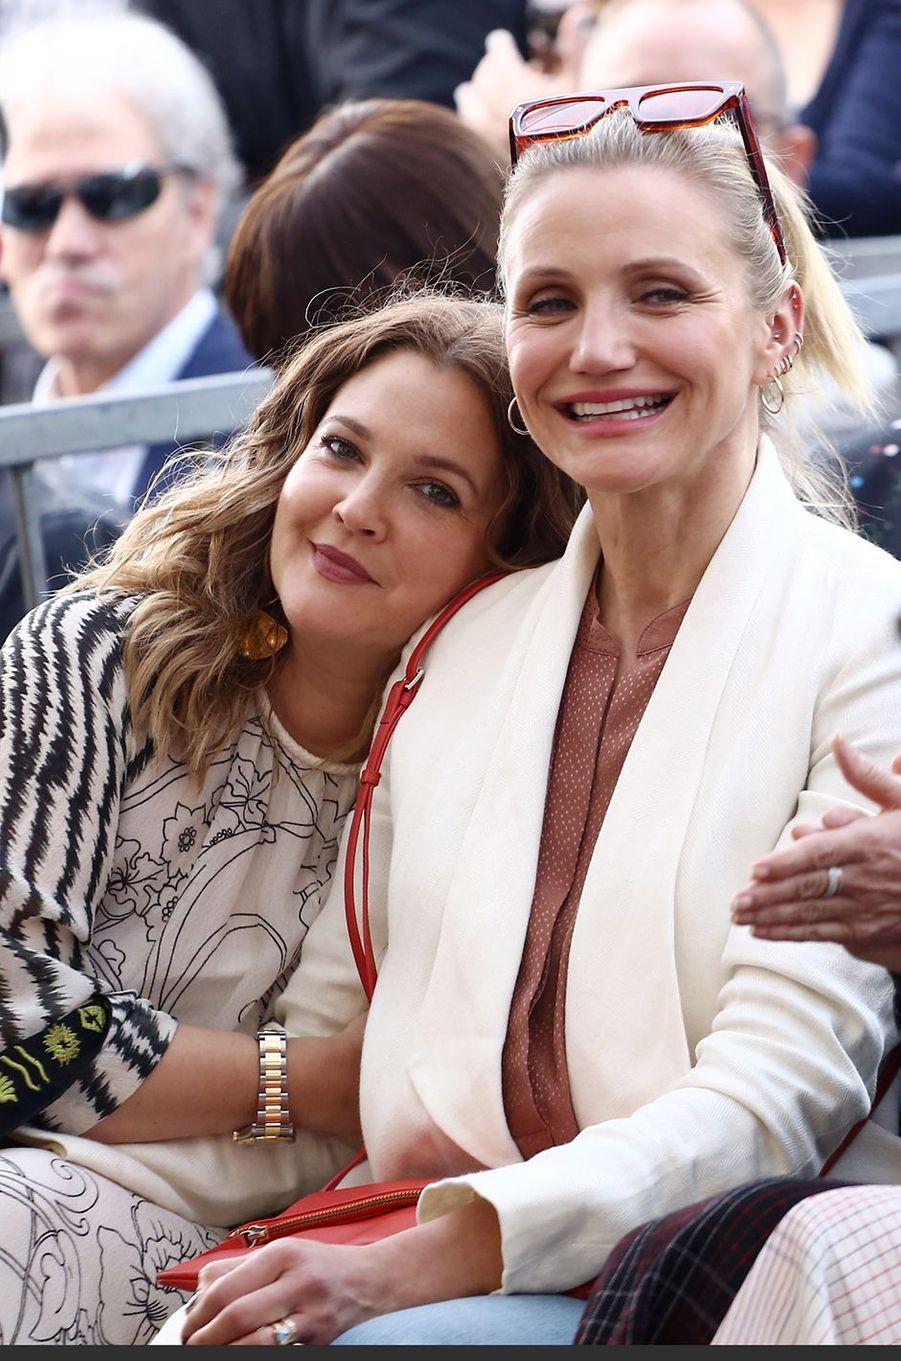 Drew Barrymore et Cameron Diaz : des Anges amies pour la vie. Si elles ont collaboré ensemble au début des années 2000 dans «Charlie's Angels», les deux actrices se connaissaient déjà bien avant. «Elle avait 16 ans et j'en avais 14 lorsque nous sommes devenues amies. (...) Nous avions des amis en commun», avait révélé la première en 2013 dans le talk-show de Katie Couric.